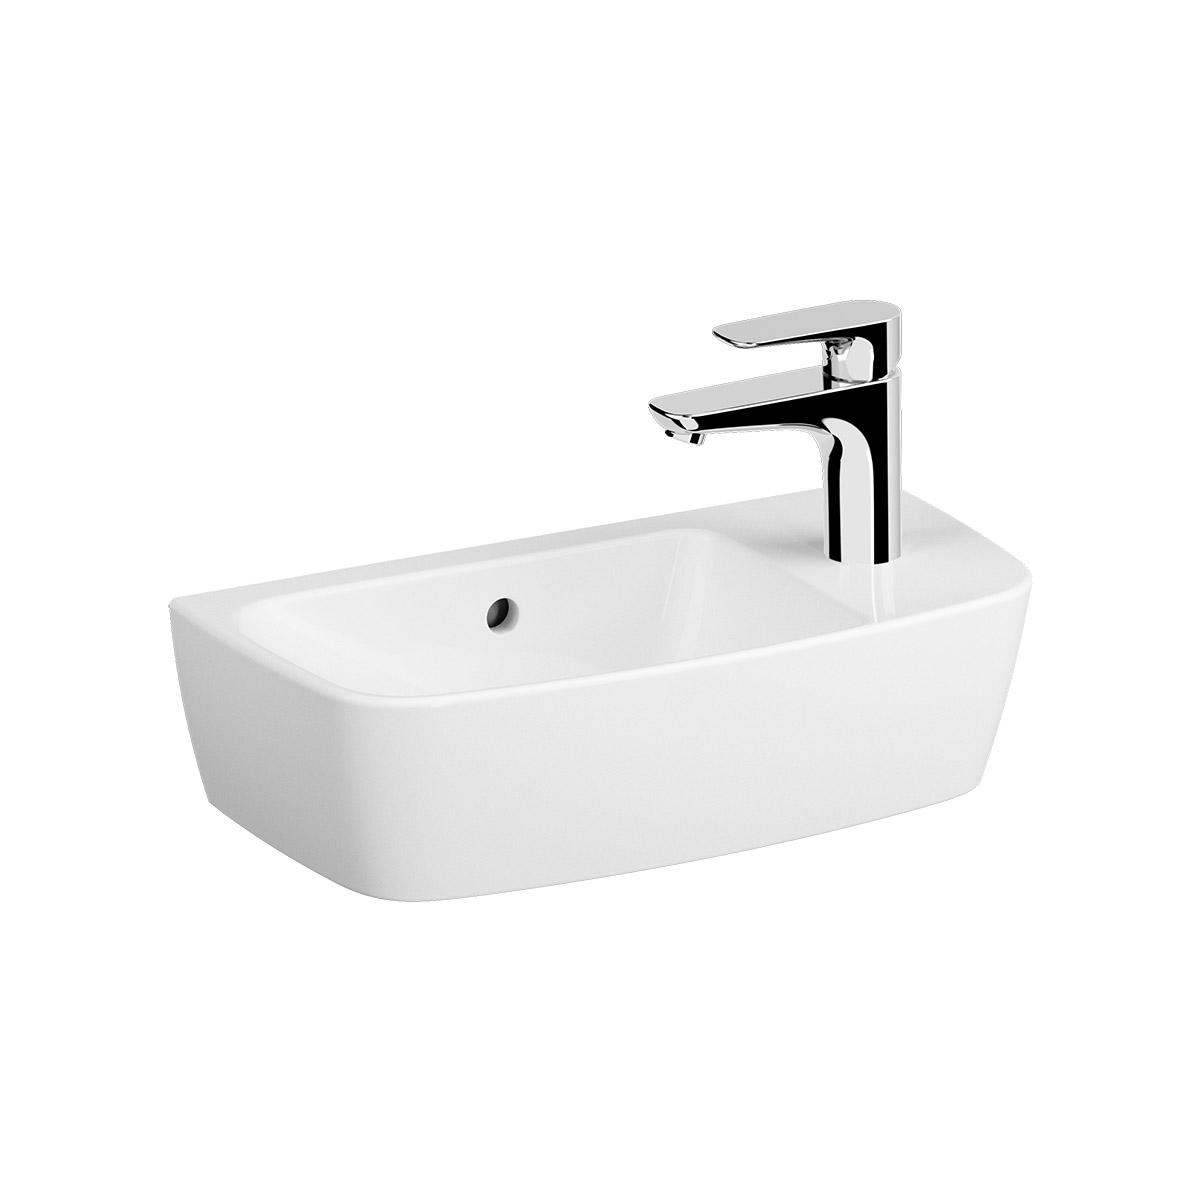 Shift Aufsatzhandwaschbecken, 50 cm, Weiß